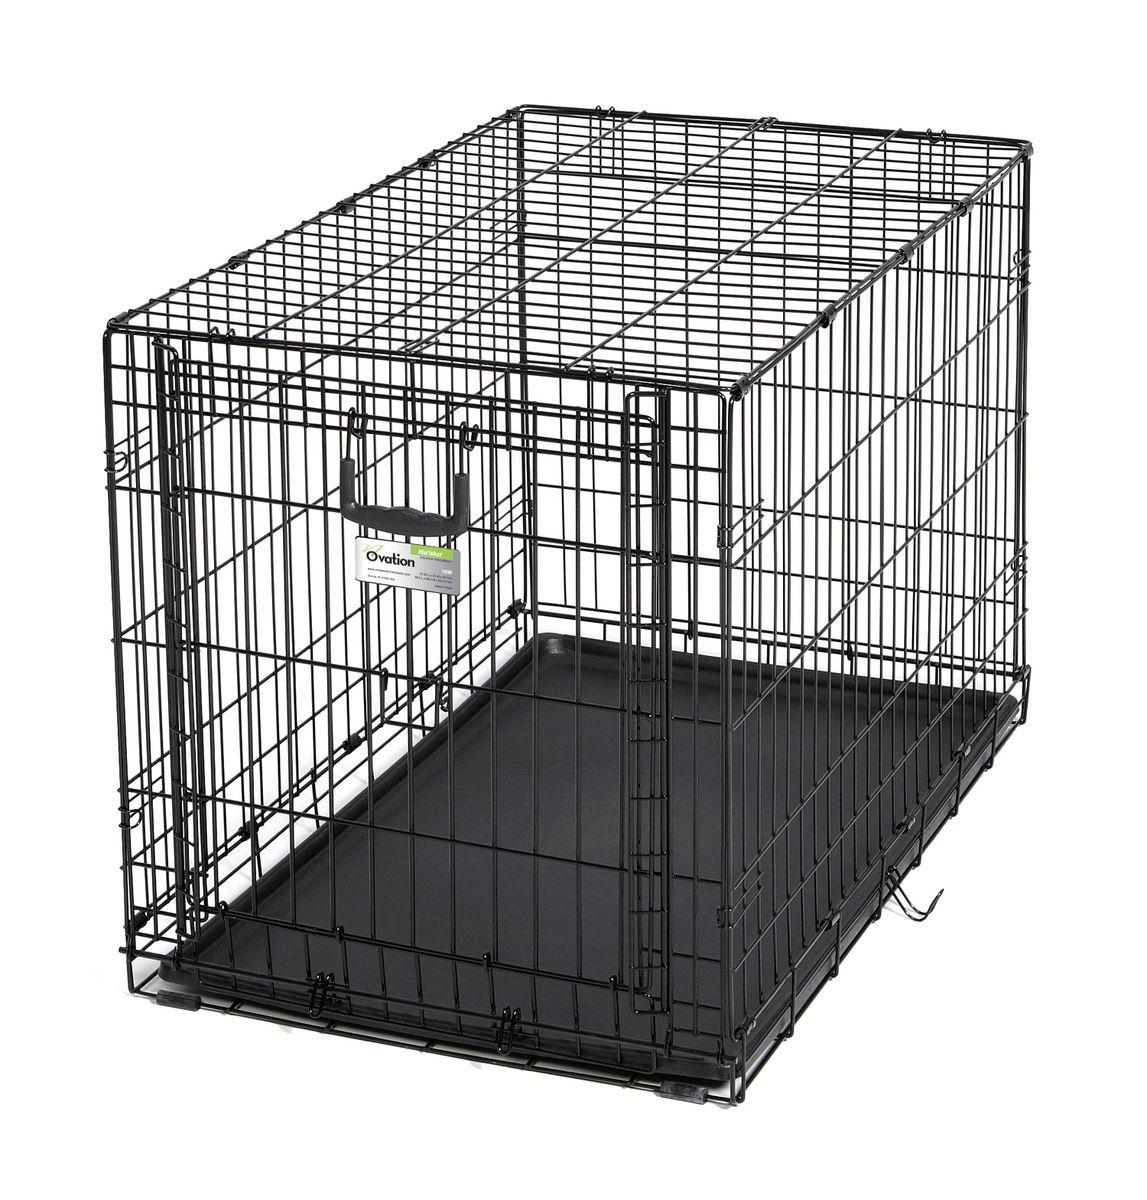 Клетка Midwest Ovation, 1 дверь рельсовая, 94,6 x 58,4 x 63,5 см1936Клетка для домашних животных Ovation с одной дверью - особо прочная, компактная, с открывающейся вверх дверью. Дверь с запатентованной технологией рельсовой вертикальной системы удобно открывается вверх и размещается на крыше клетки. Это позволяет устранить необходимость в дополнительном пространстве, которое нужно для клеток с откидными дверьми, и максимально предохраняет от открытия животным. В комплект включены: разделяющая панель, пластиковый поддон и специальные пластиковые ручки для удобной транспортировки клетки в сложенном виде. Закругленная угловая защита клетки обеспечивает безопасность питомцам и людям и не повреждает поверхность, на которой размещается. Разделяющая панель позволяет создавать универсальные отсеки. Поддон из композитного пластика легко моется. Клетка легко устанавливается и складывается без использования инструментов. В сложенном виде занимает мало места. Размер клетки - 94,6х58,4х63,5h см. Вес - 10,8 кг (12,1 кг с коробкой). Цвет клетки - черный.